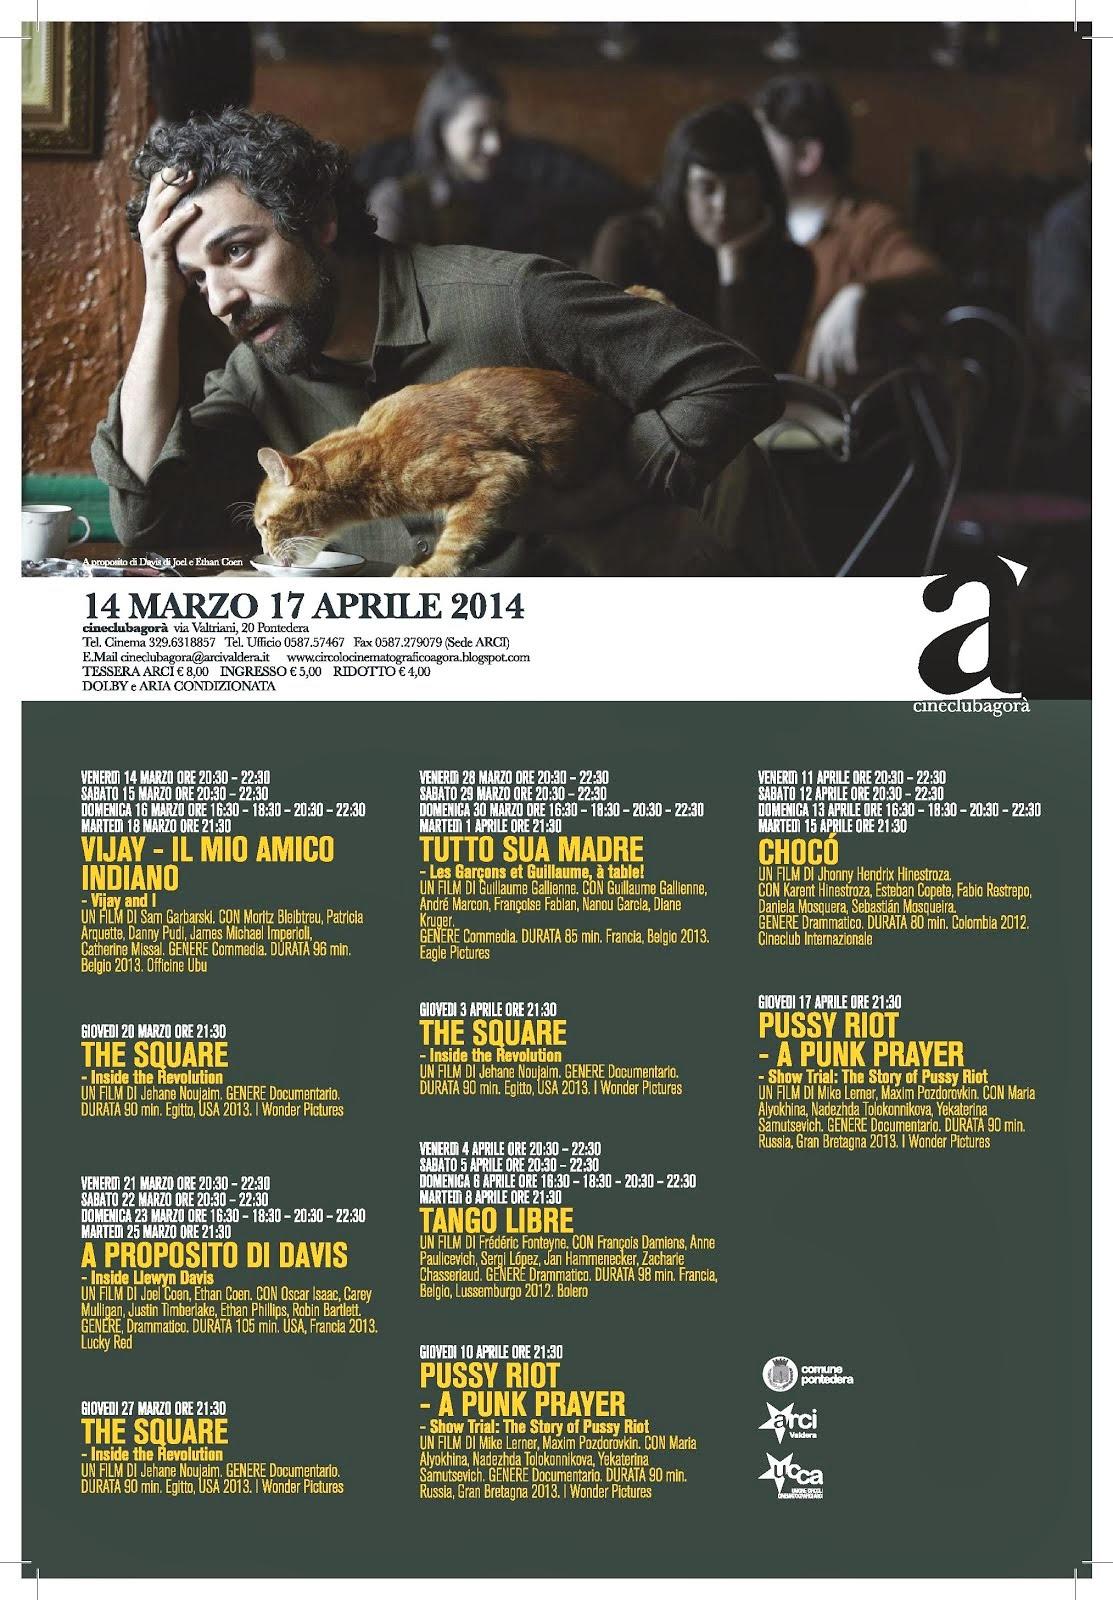 Programma dal 14 marzo al 17 aprie